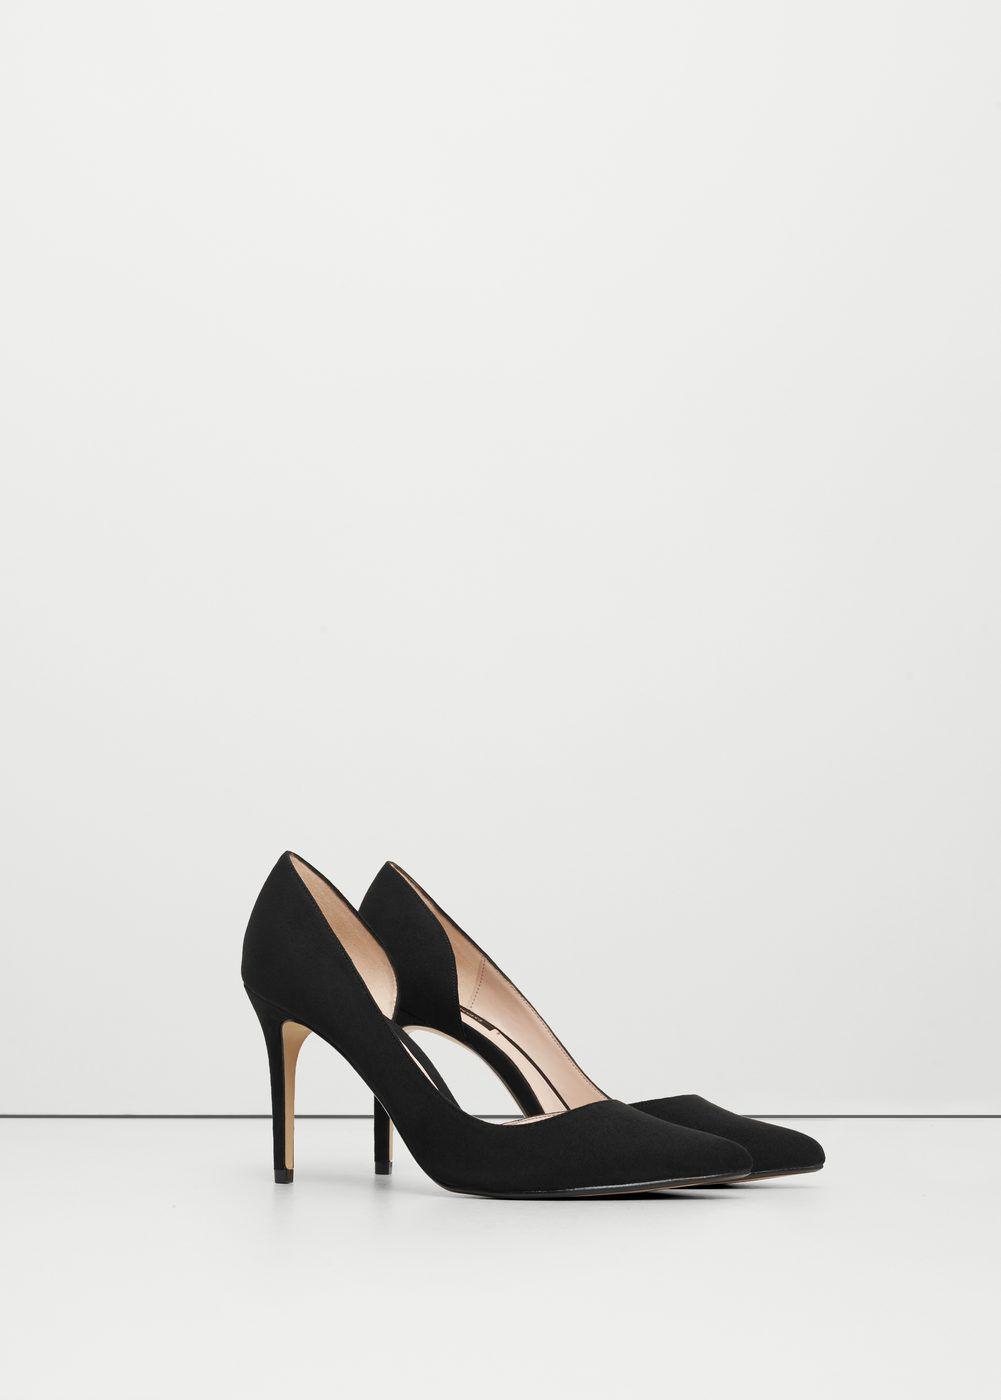 7e62648c75623 EDEFS Femmes Artisan Fashion Escarpins Unis Classiques Lady Mariage Pointus  des Couleurs Chaussures à Talon Haut